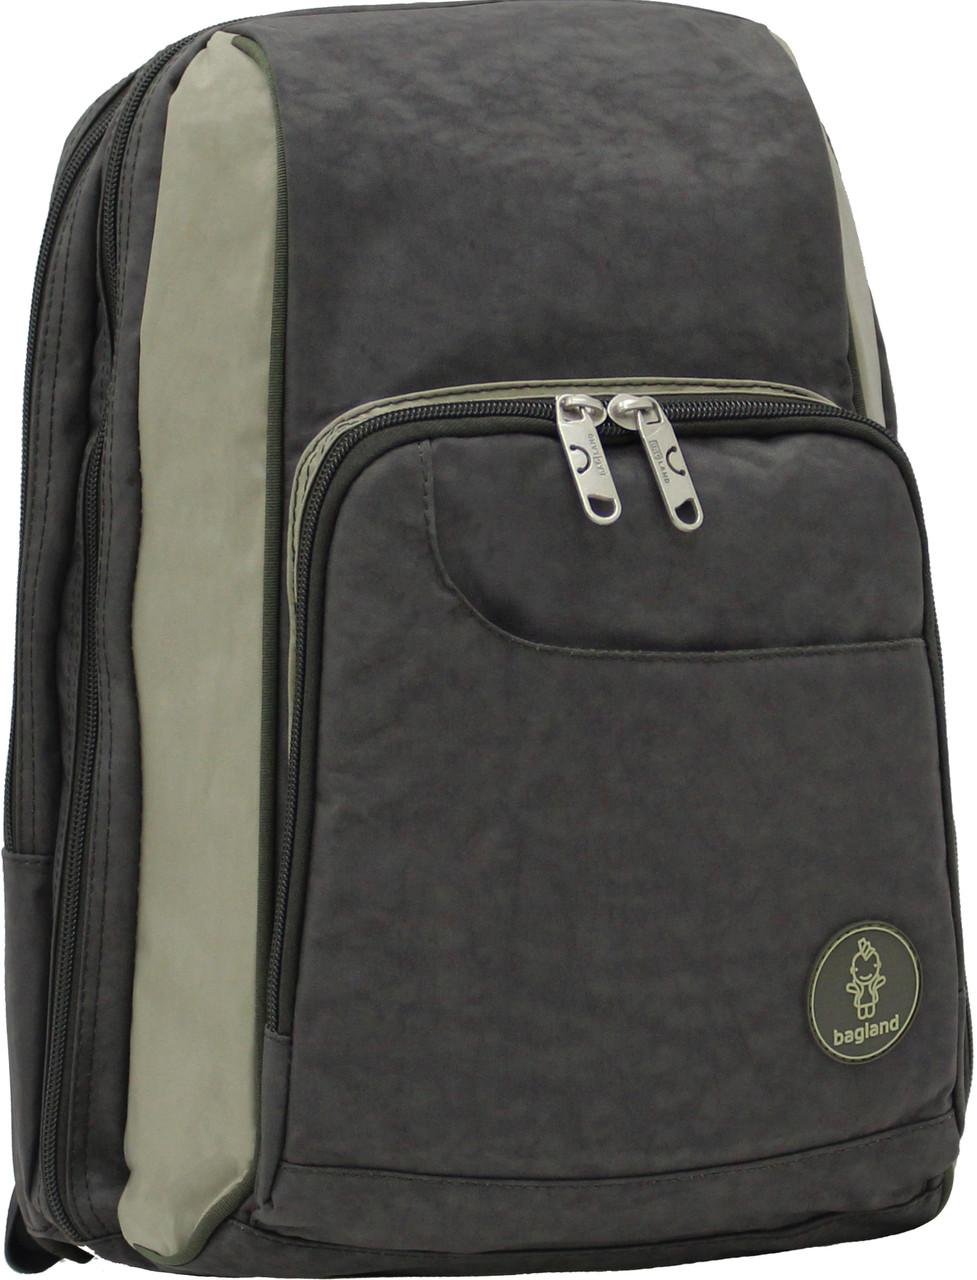 Украина Школьный рюкзак Bagland Стингер 16 л. Хаки/оливка (0014970)